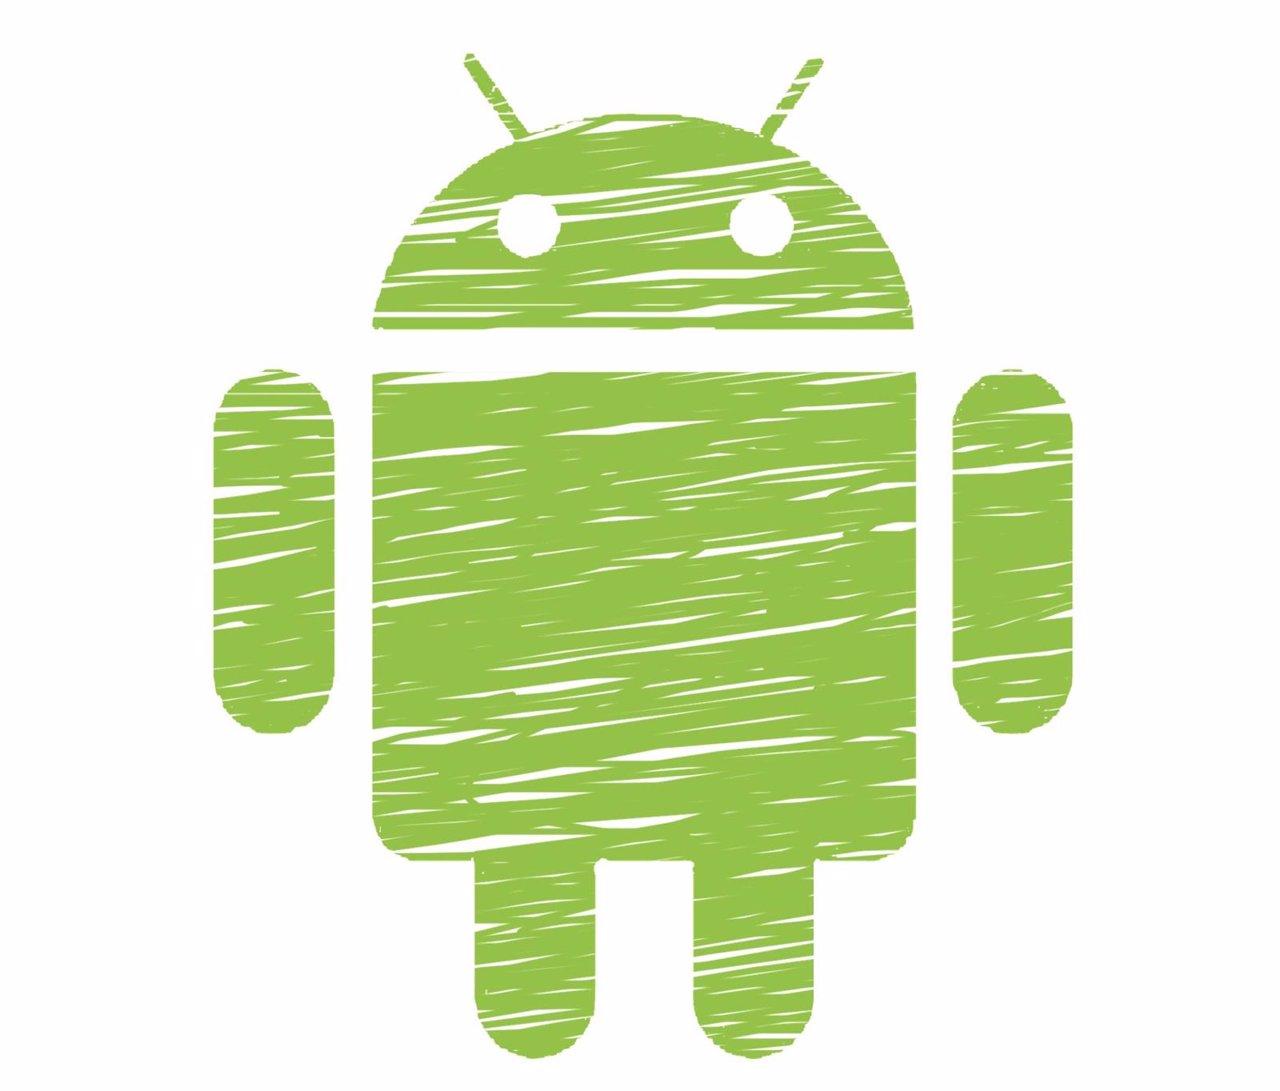 Los dispositivos con Android 12 incluyen el certificado de su nivel de rendimiento